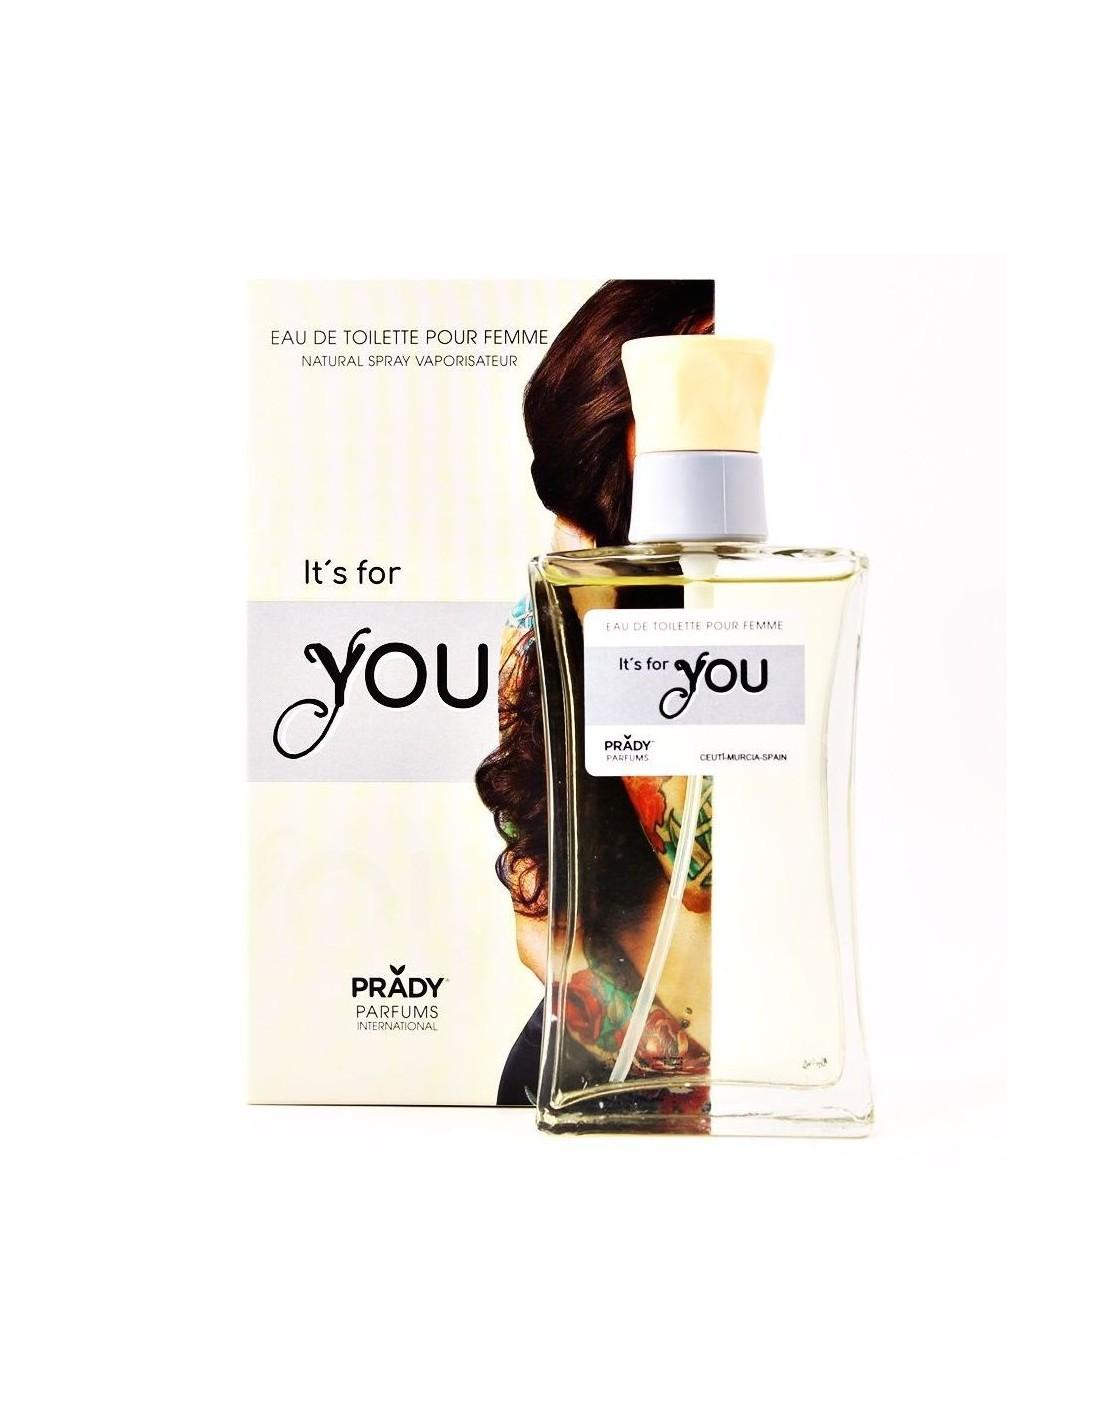 Parfum generique parfum prady femme it\'s for you